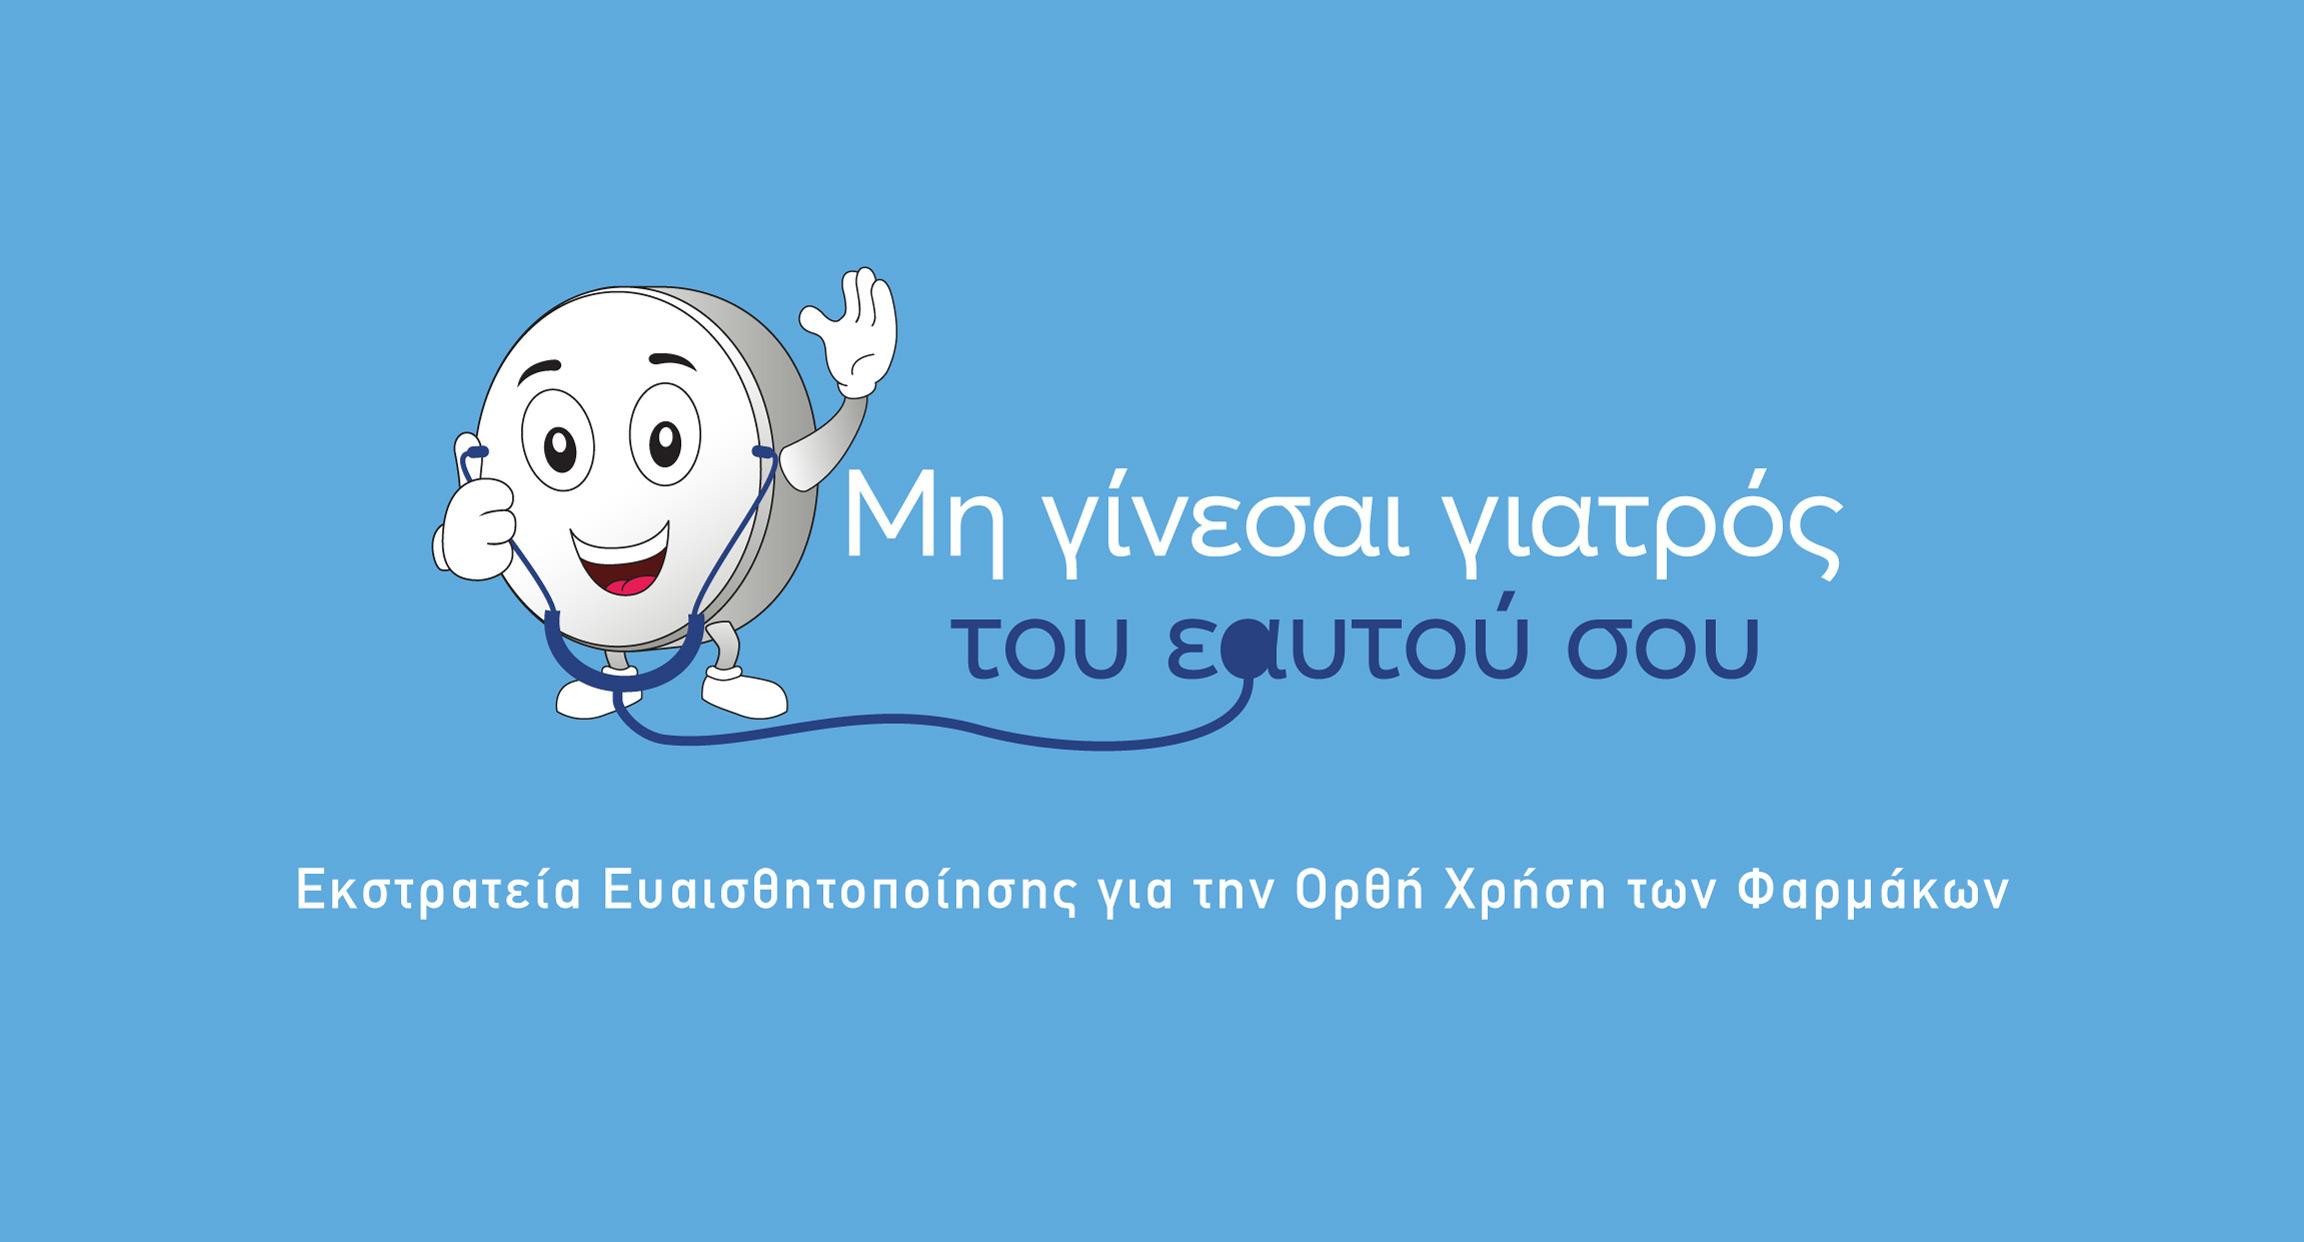 Εκστρατεία Ευαισθητοποίησης για την ορθή χρήση των φαρμάκων